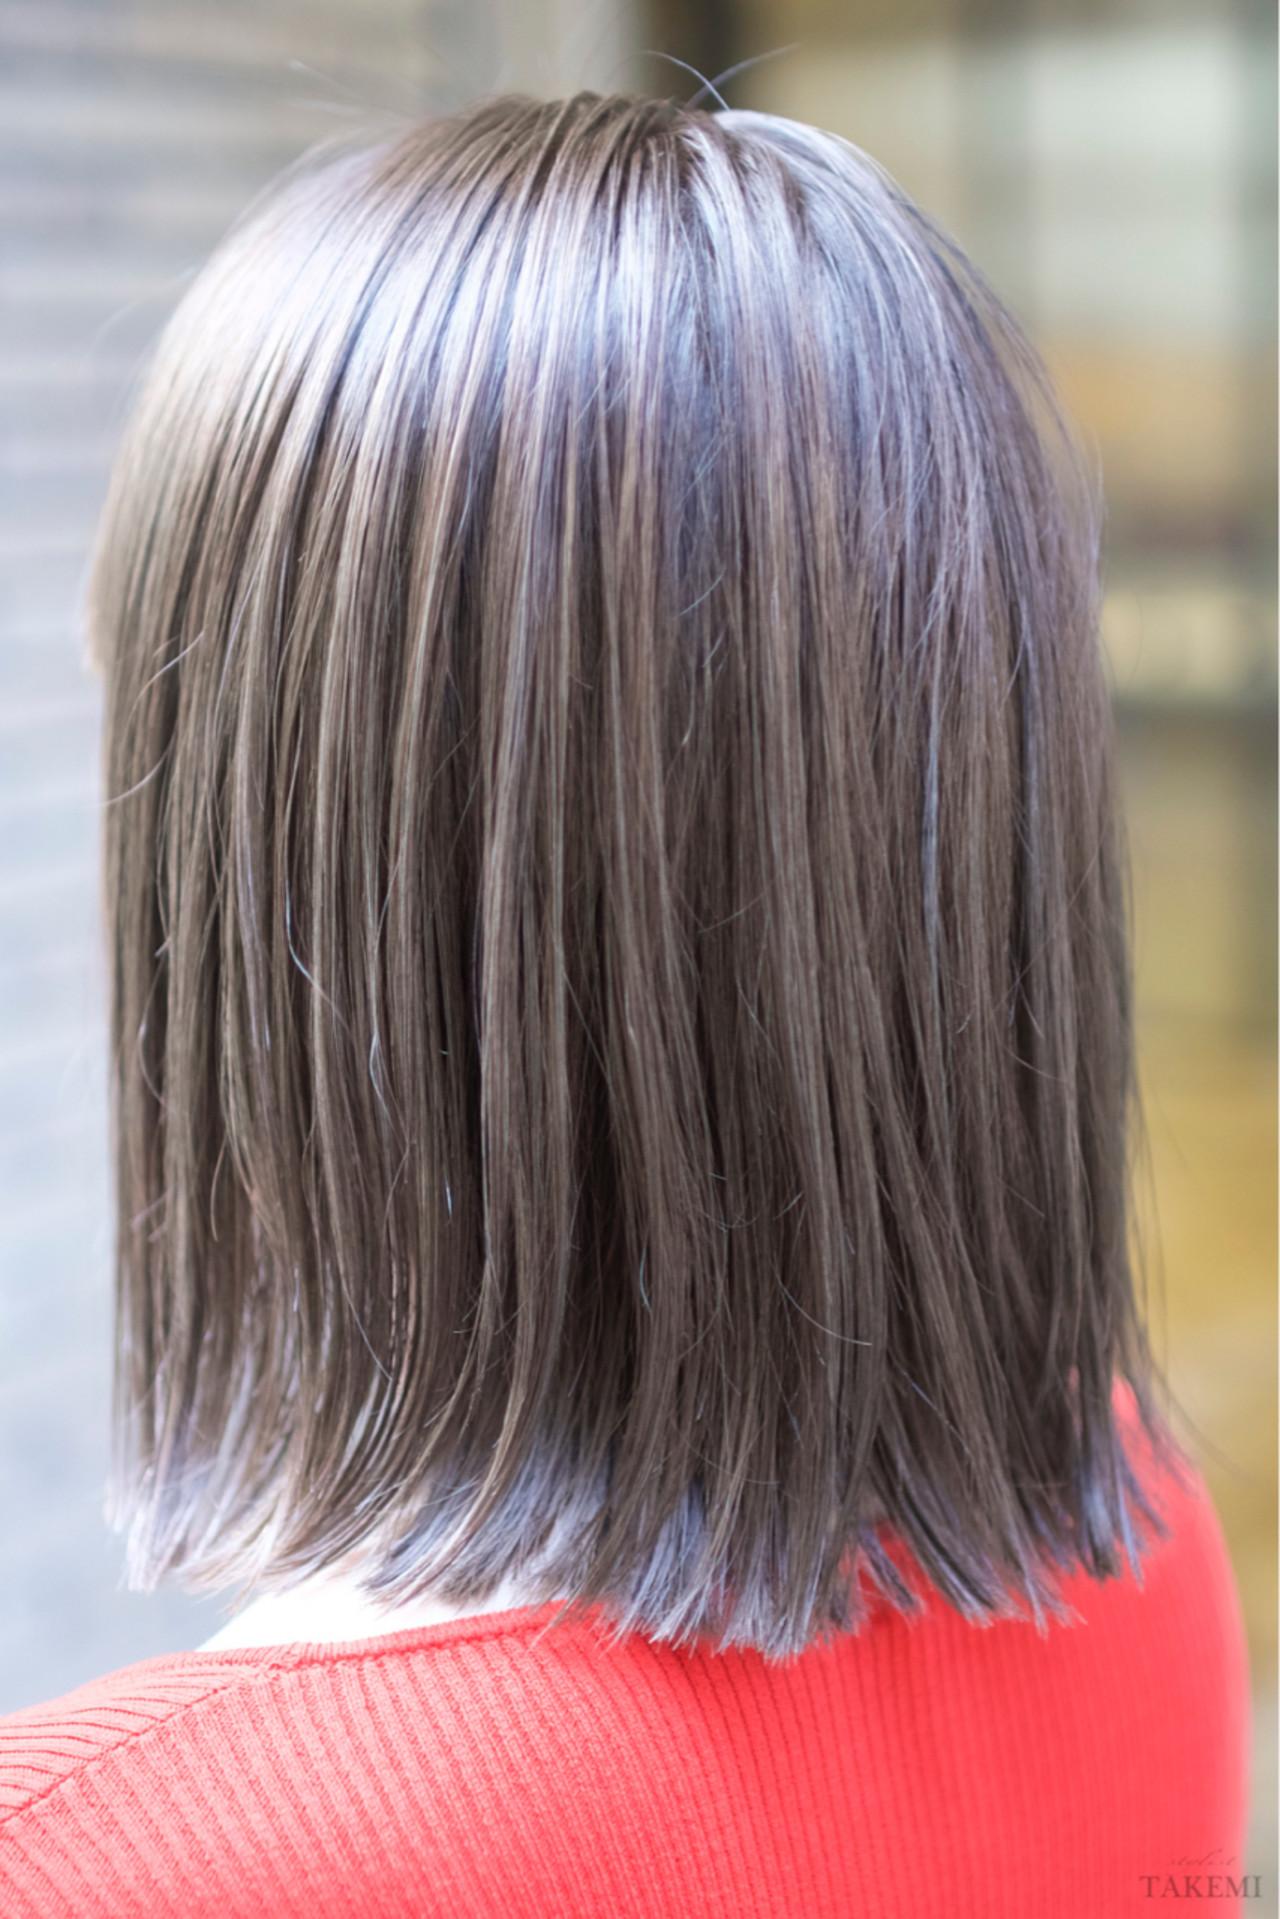 ダブルカラー ボブ ハイライト 外国人風 ヘアスタイルや髪型の写真・画像   TAKEMI / BEBE 表参道